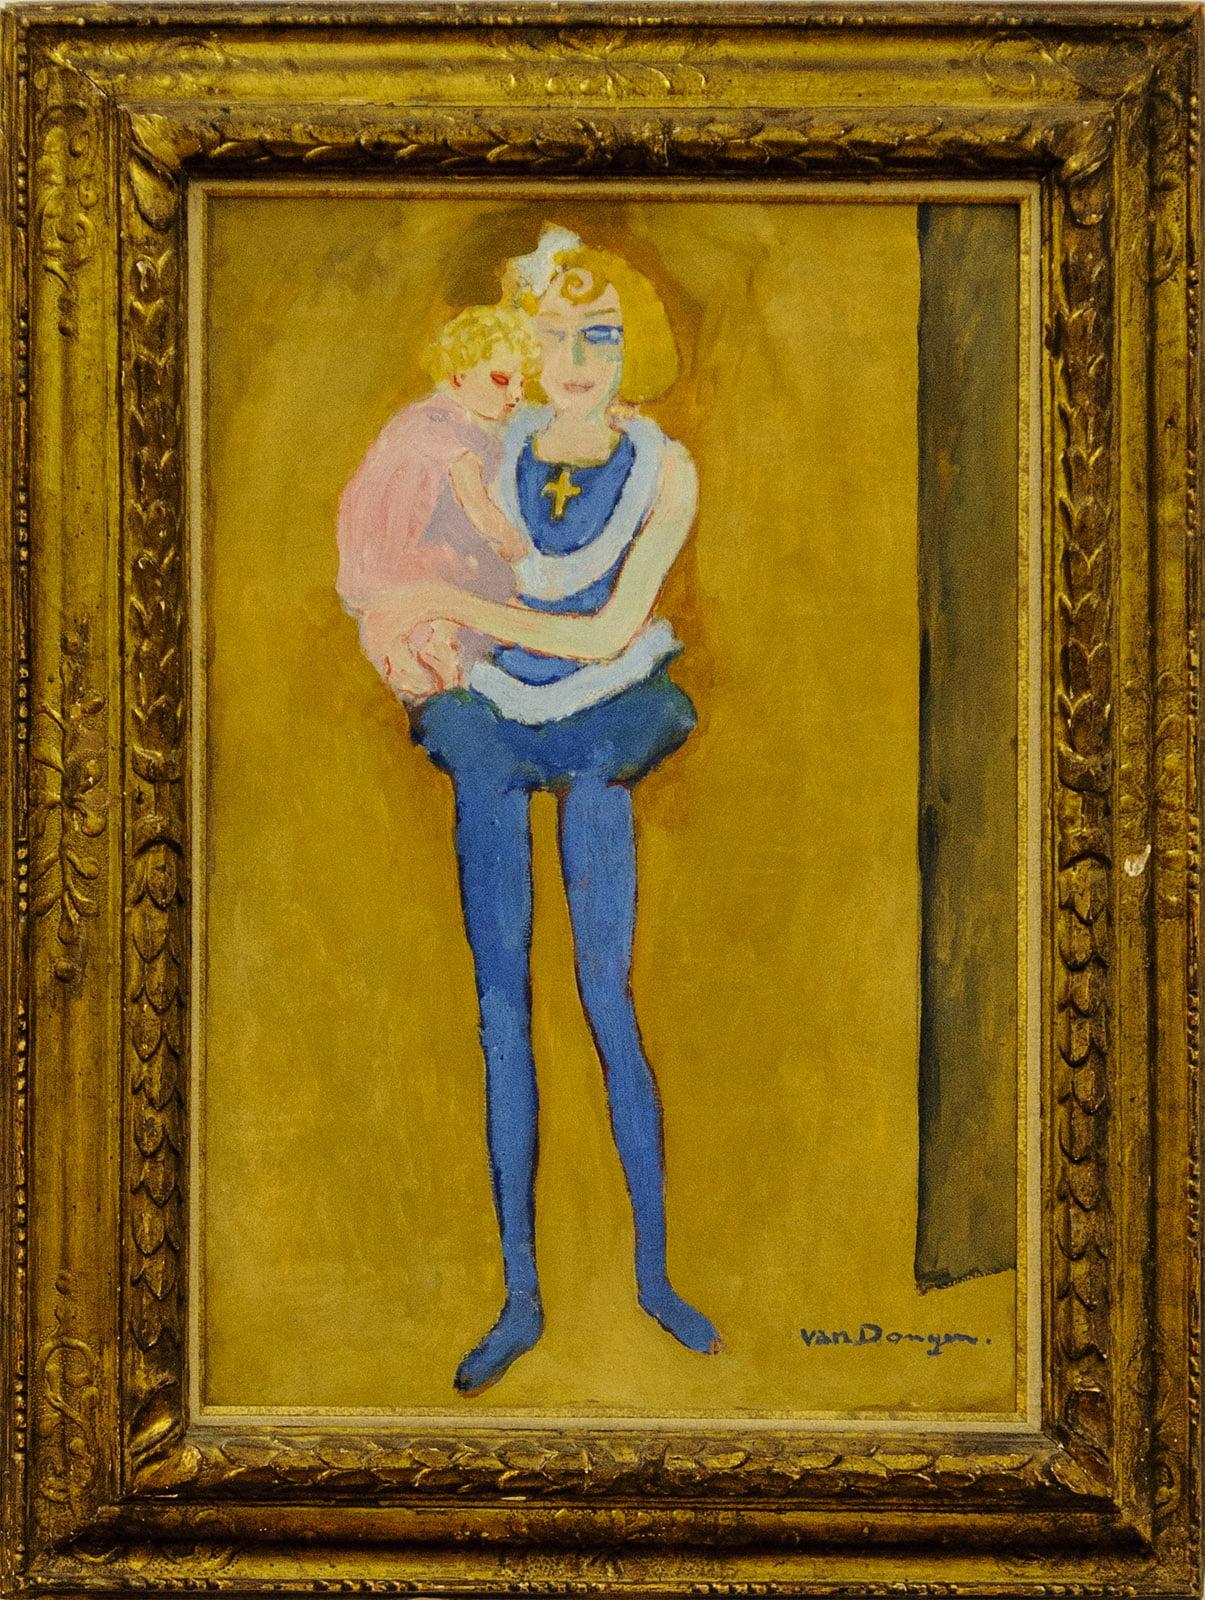 Paris, City of Modern Art, Kunstmuseum, van Dongen